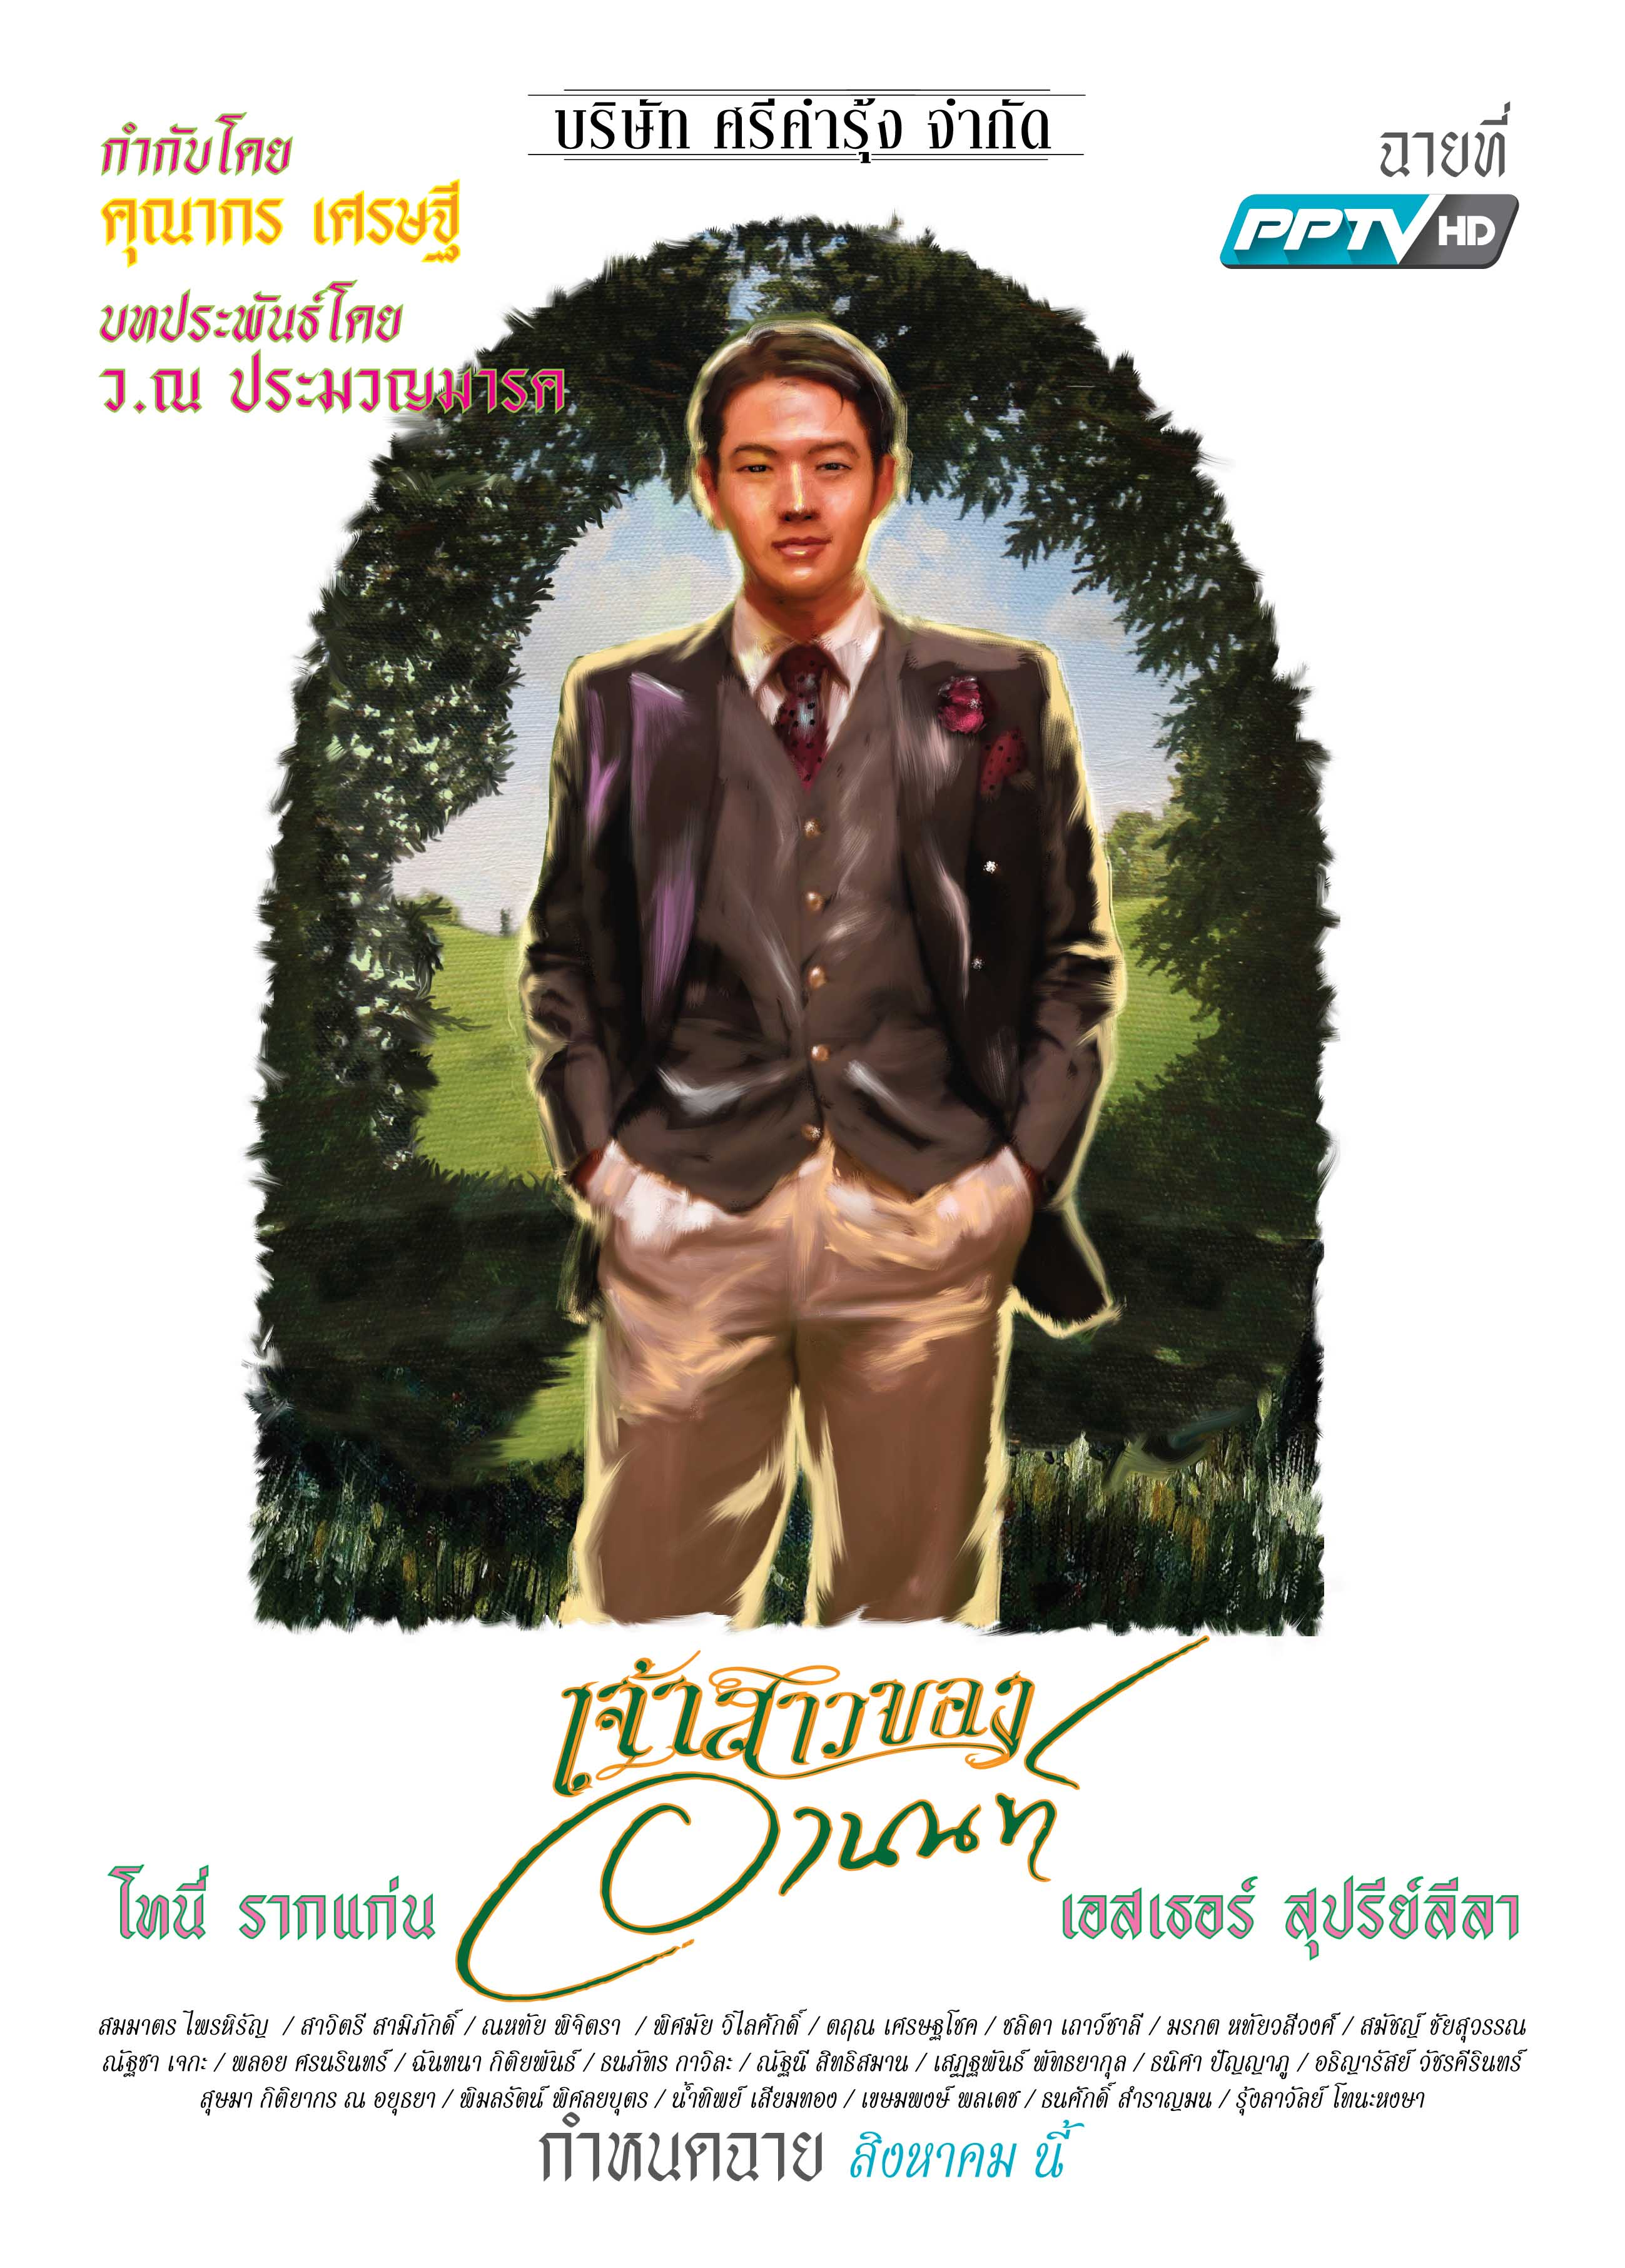 DVD เจ้าสาวของอานนท์ 2558 โทนี่ รากแก่น - เอสเธอร์ สุปรีย์ลีลา 4 แผ่นจบ